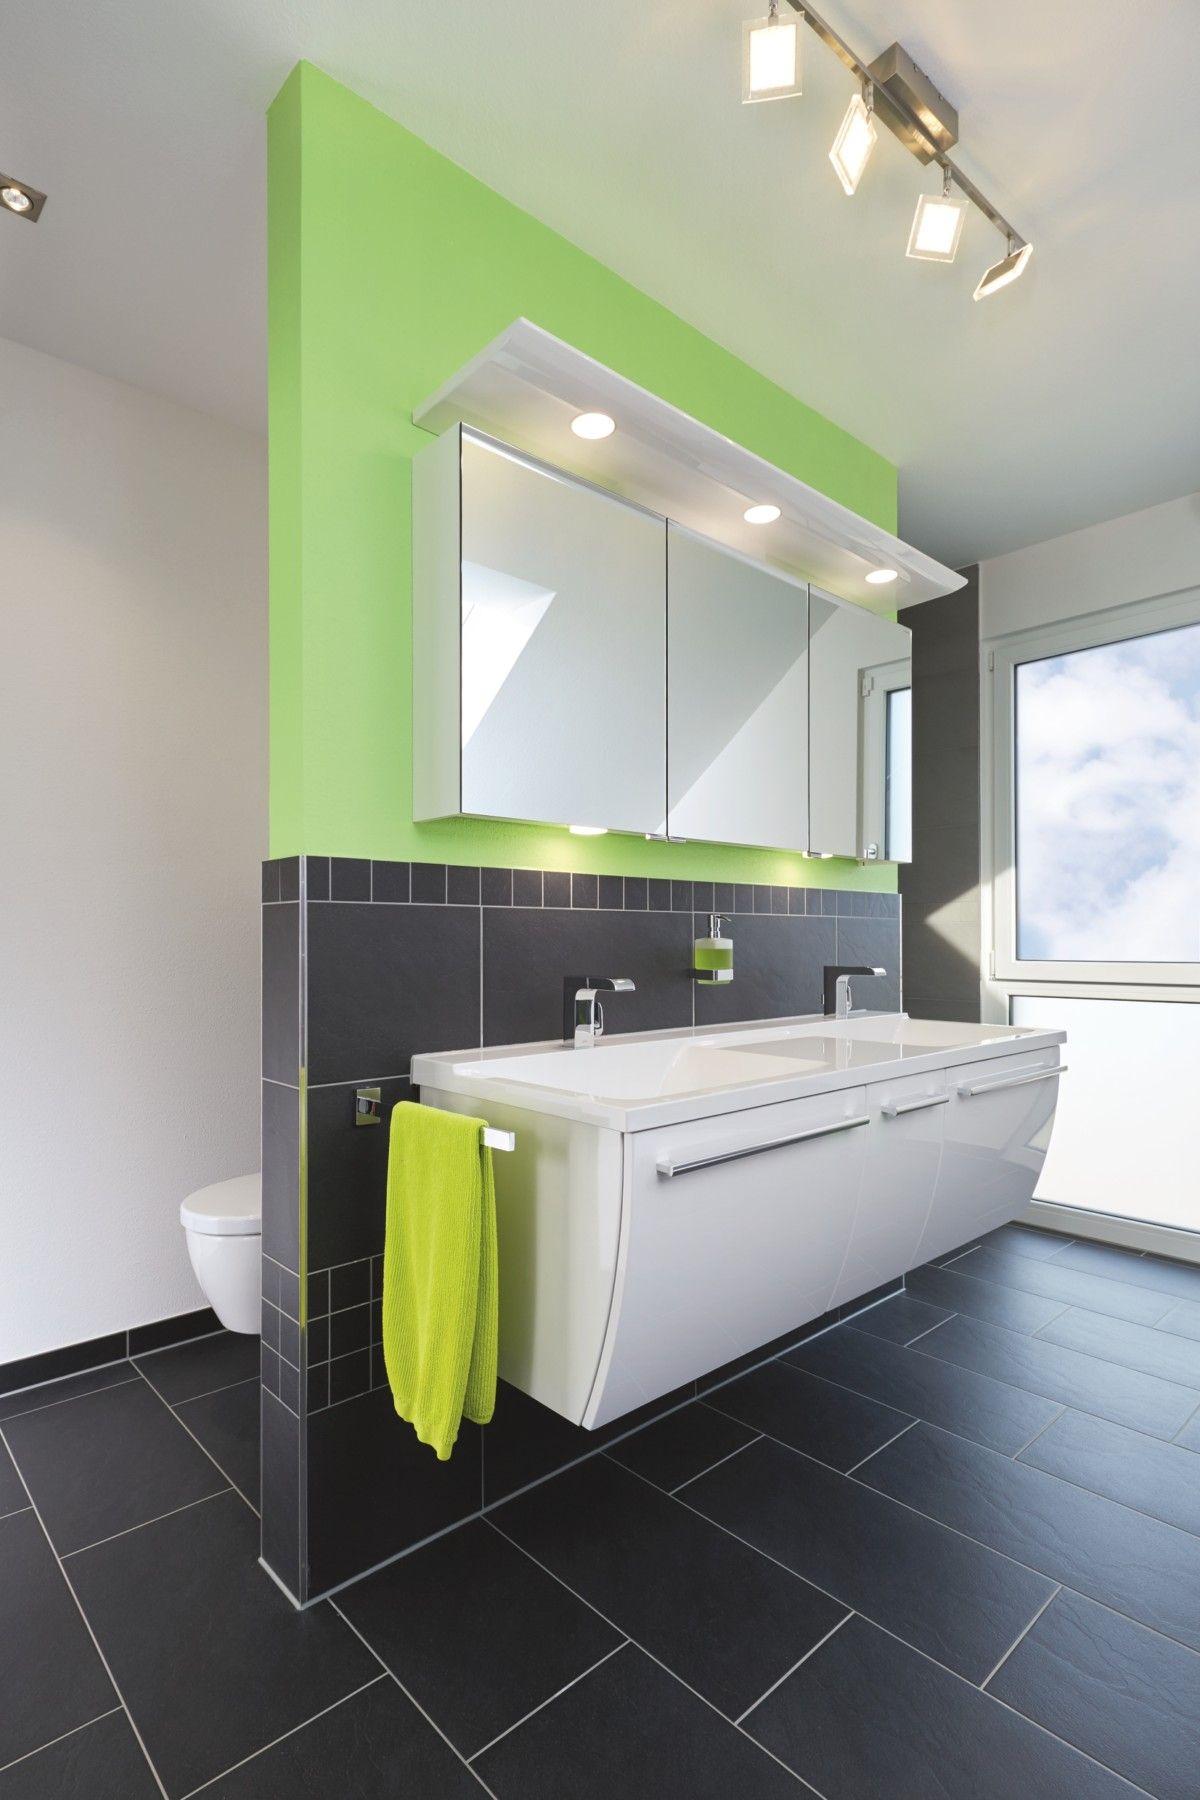 Elegant Badezimmer Trennwand WC Und Doppelwaschbecken Fliesen Grau    Einrichtungsideen Haus Generation 5.5 WeberHaus   HausbauDirekt.